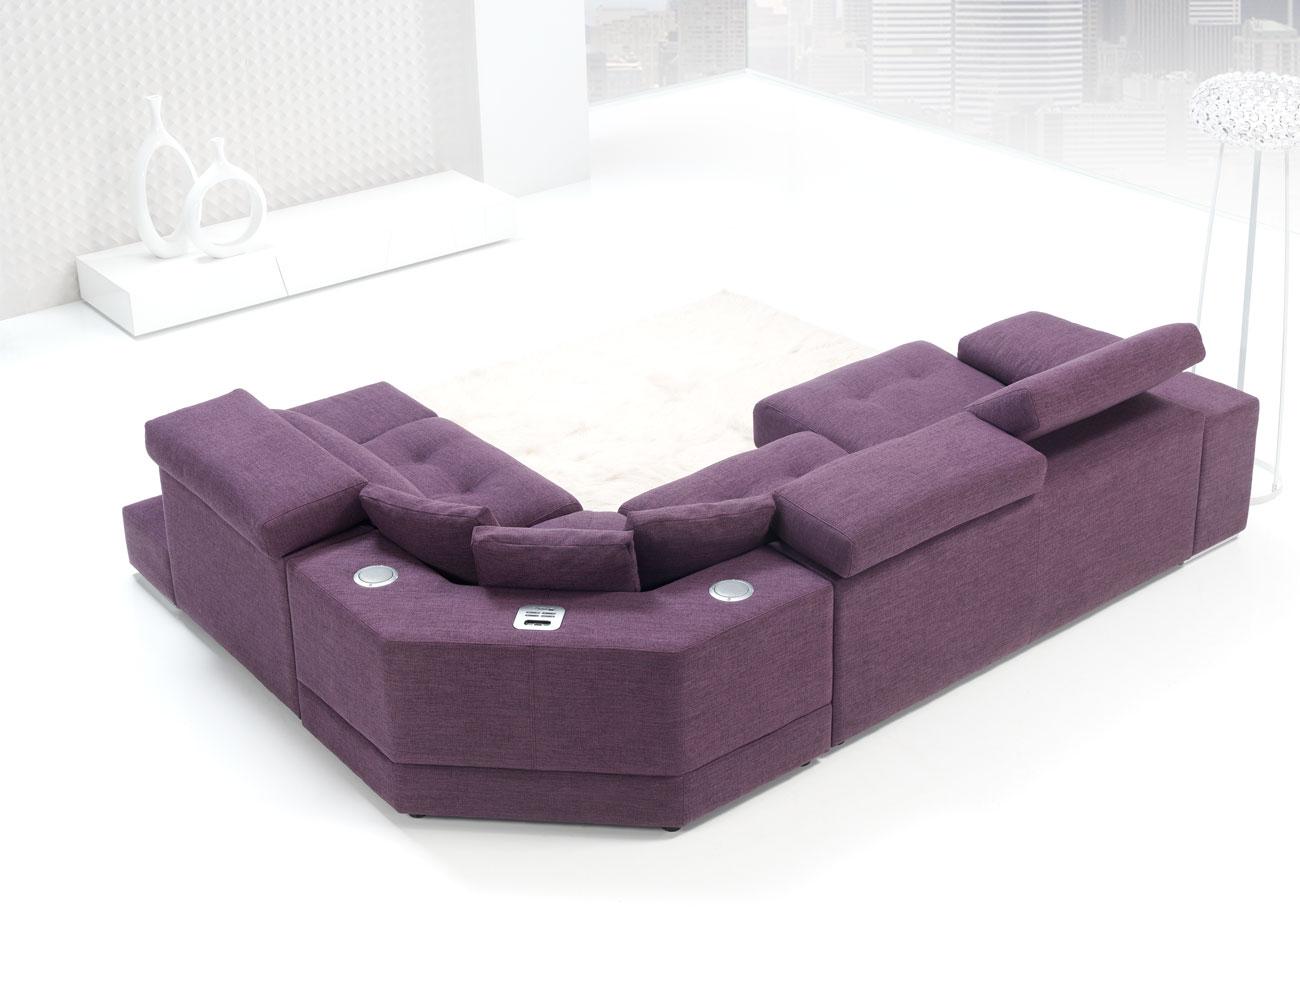 Sofa chaiselongue rincon con brazo mecanico tejido anti manchas 313